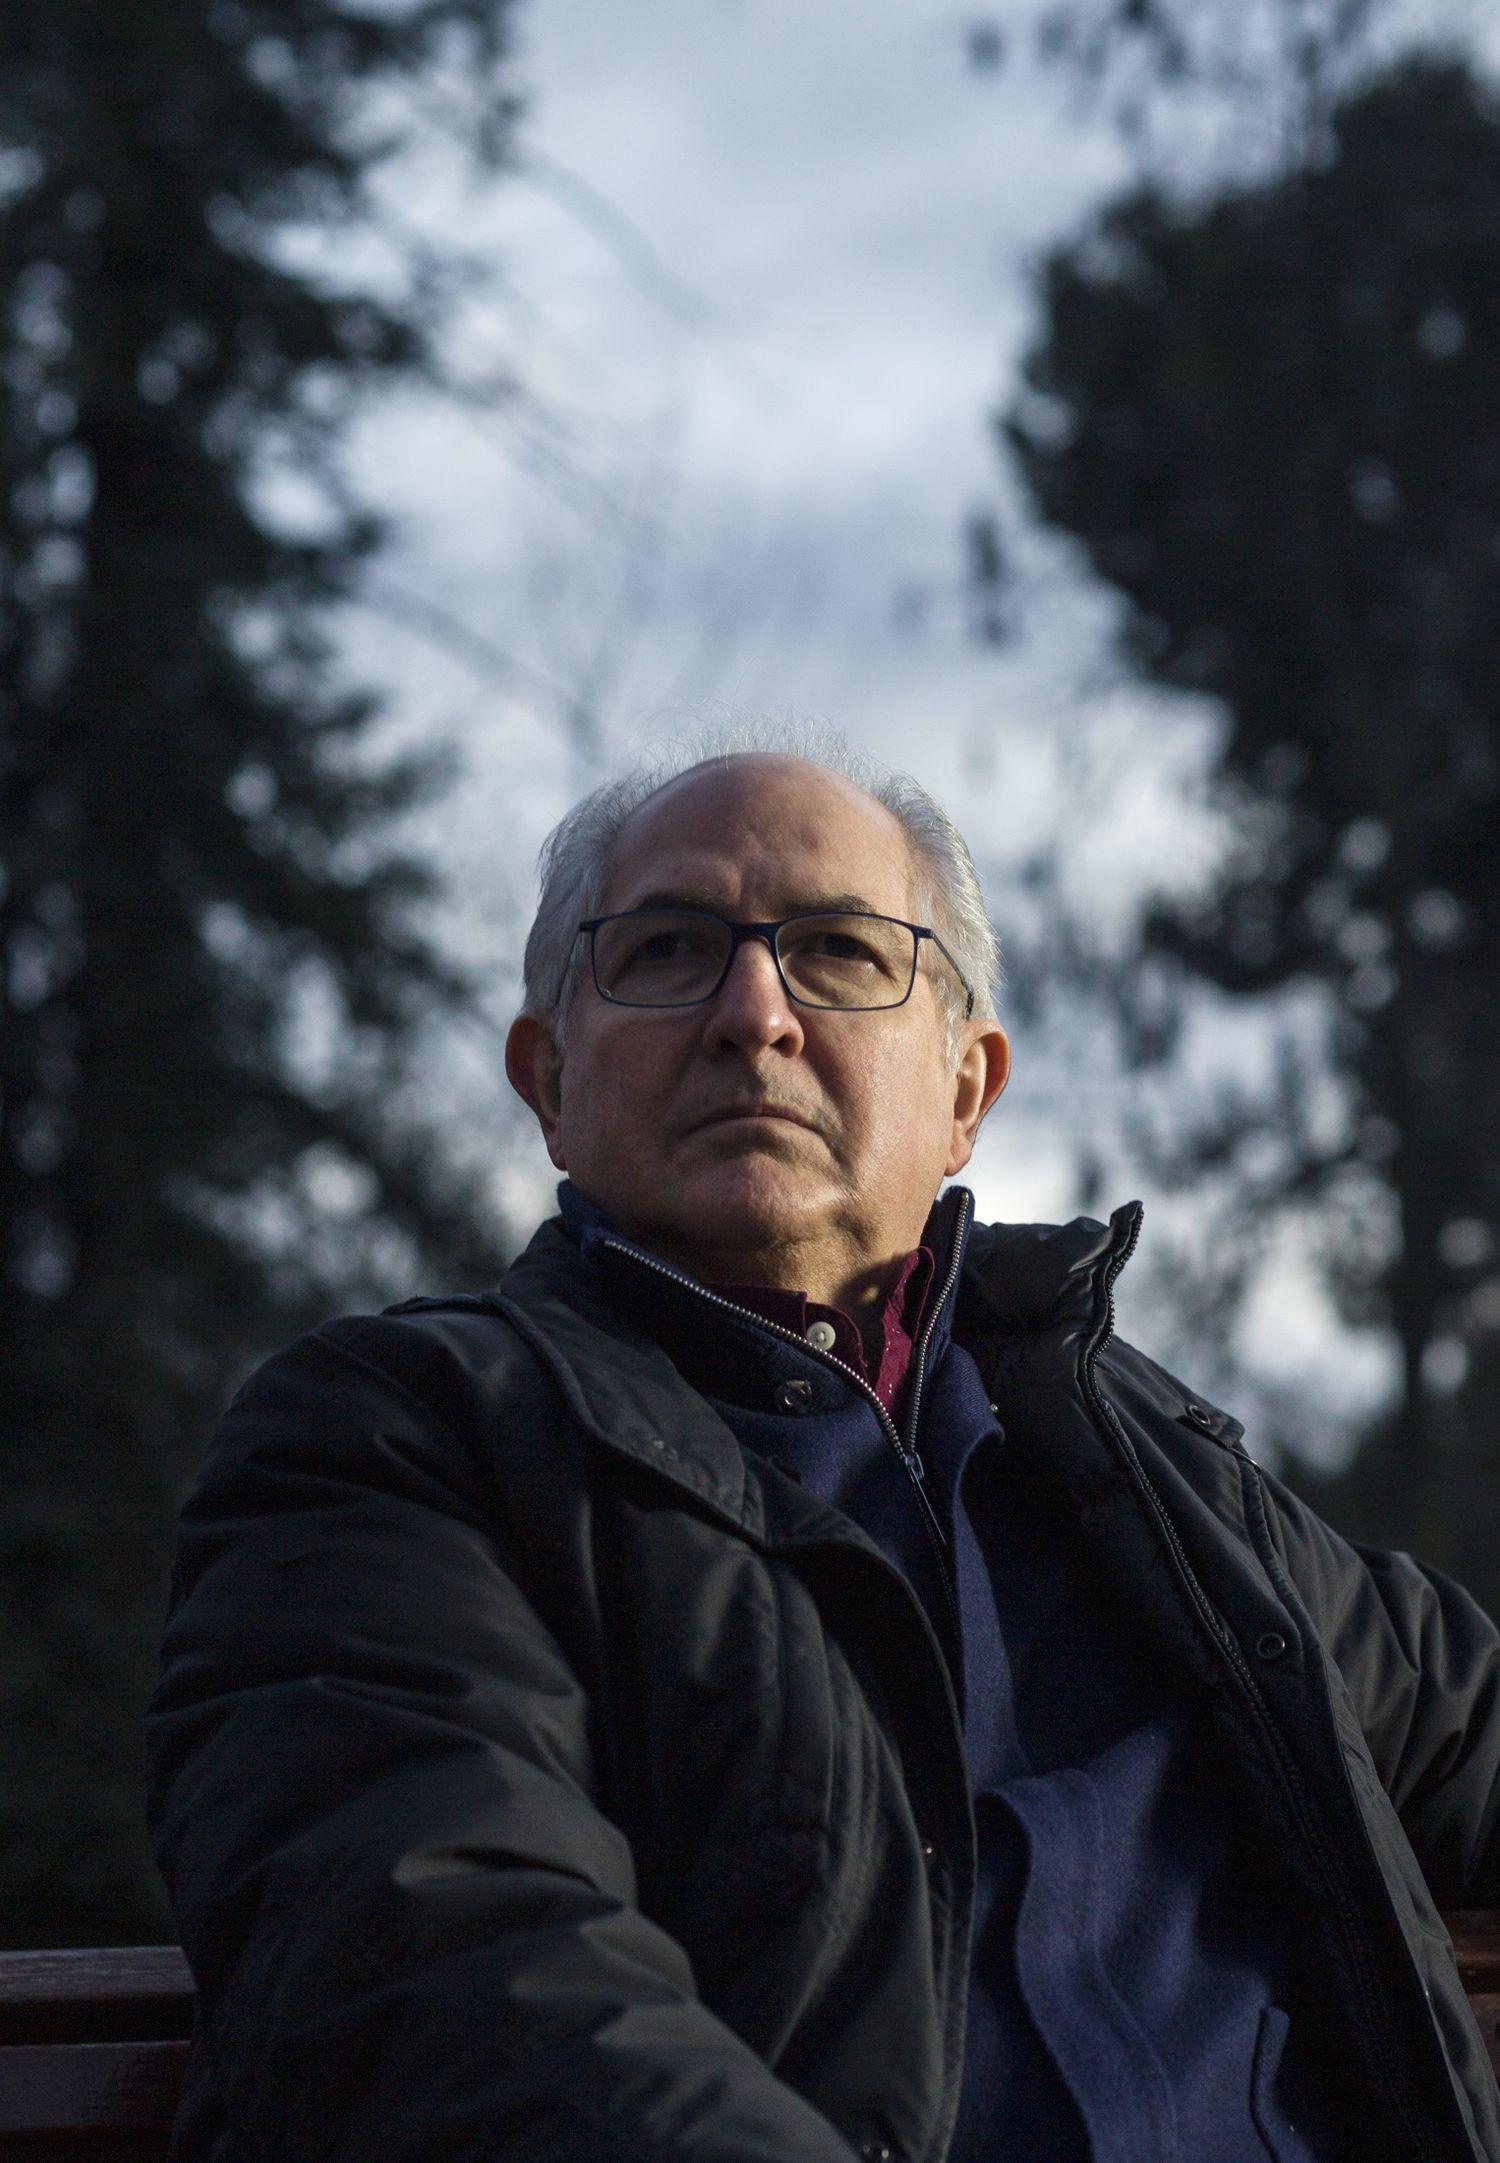 En el Retiro de Madrid, Antonio Ledezma, exalcalde de Caracas. Tuvo que huir de Venezuela tras tres años preso.